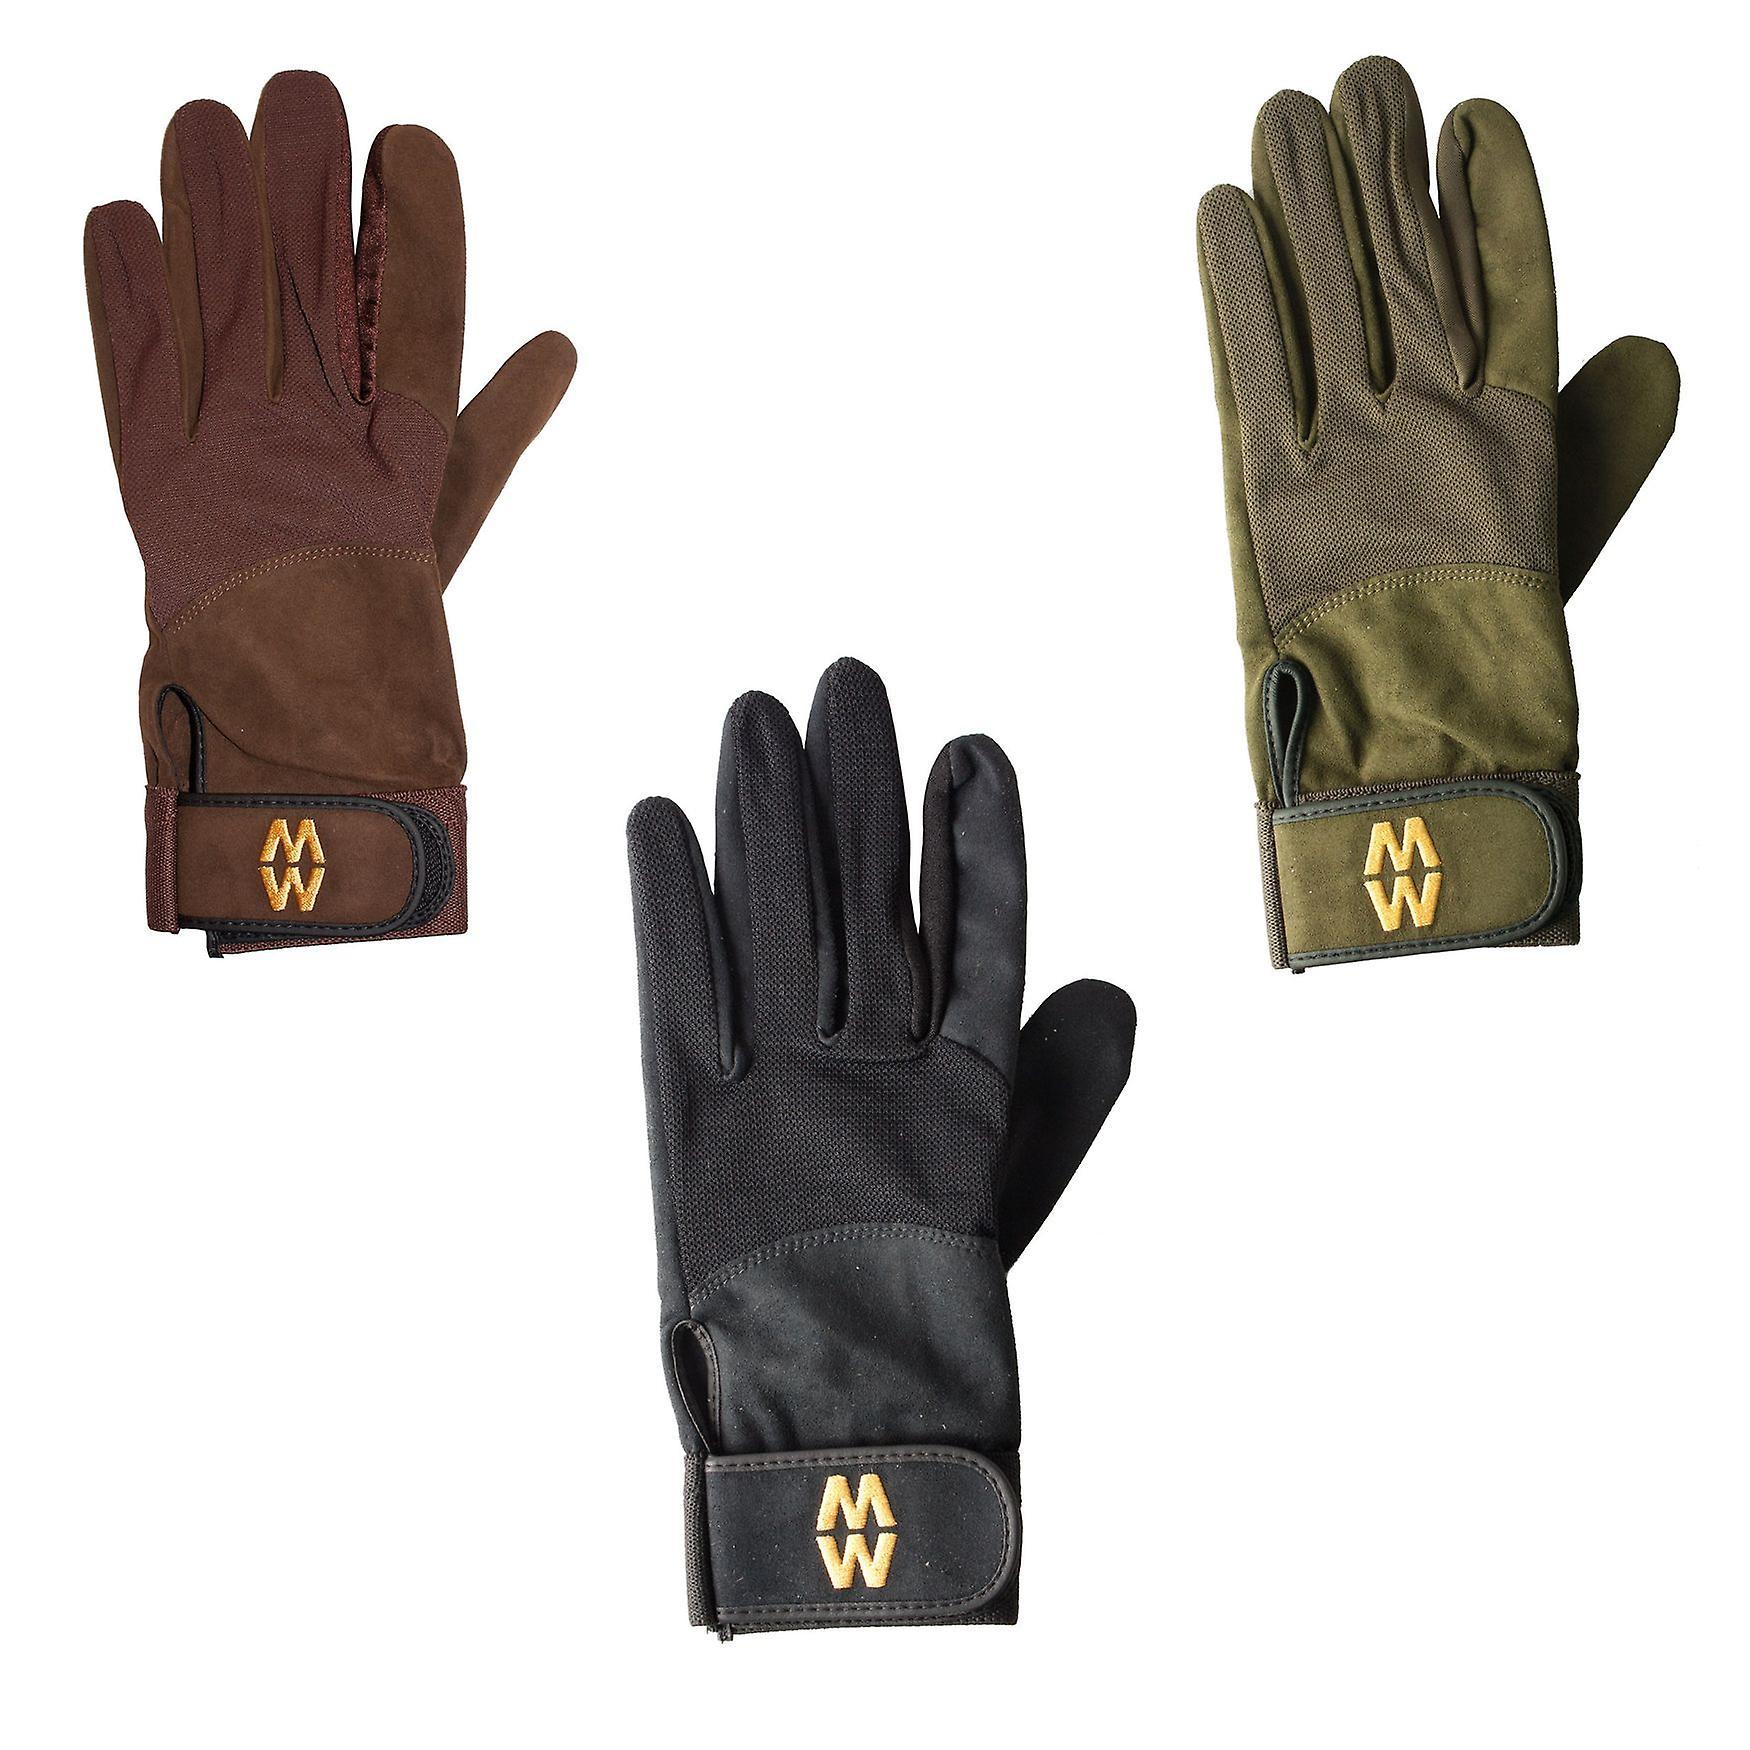 Macwet Micromesh Handschuhe lange Stulpe - Grip unter allen Bedingungen golf, Bogenschießen, schießen